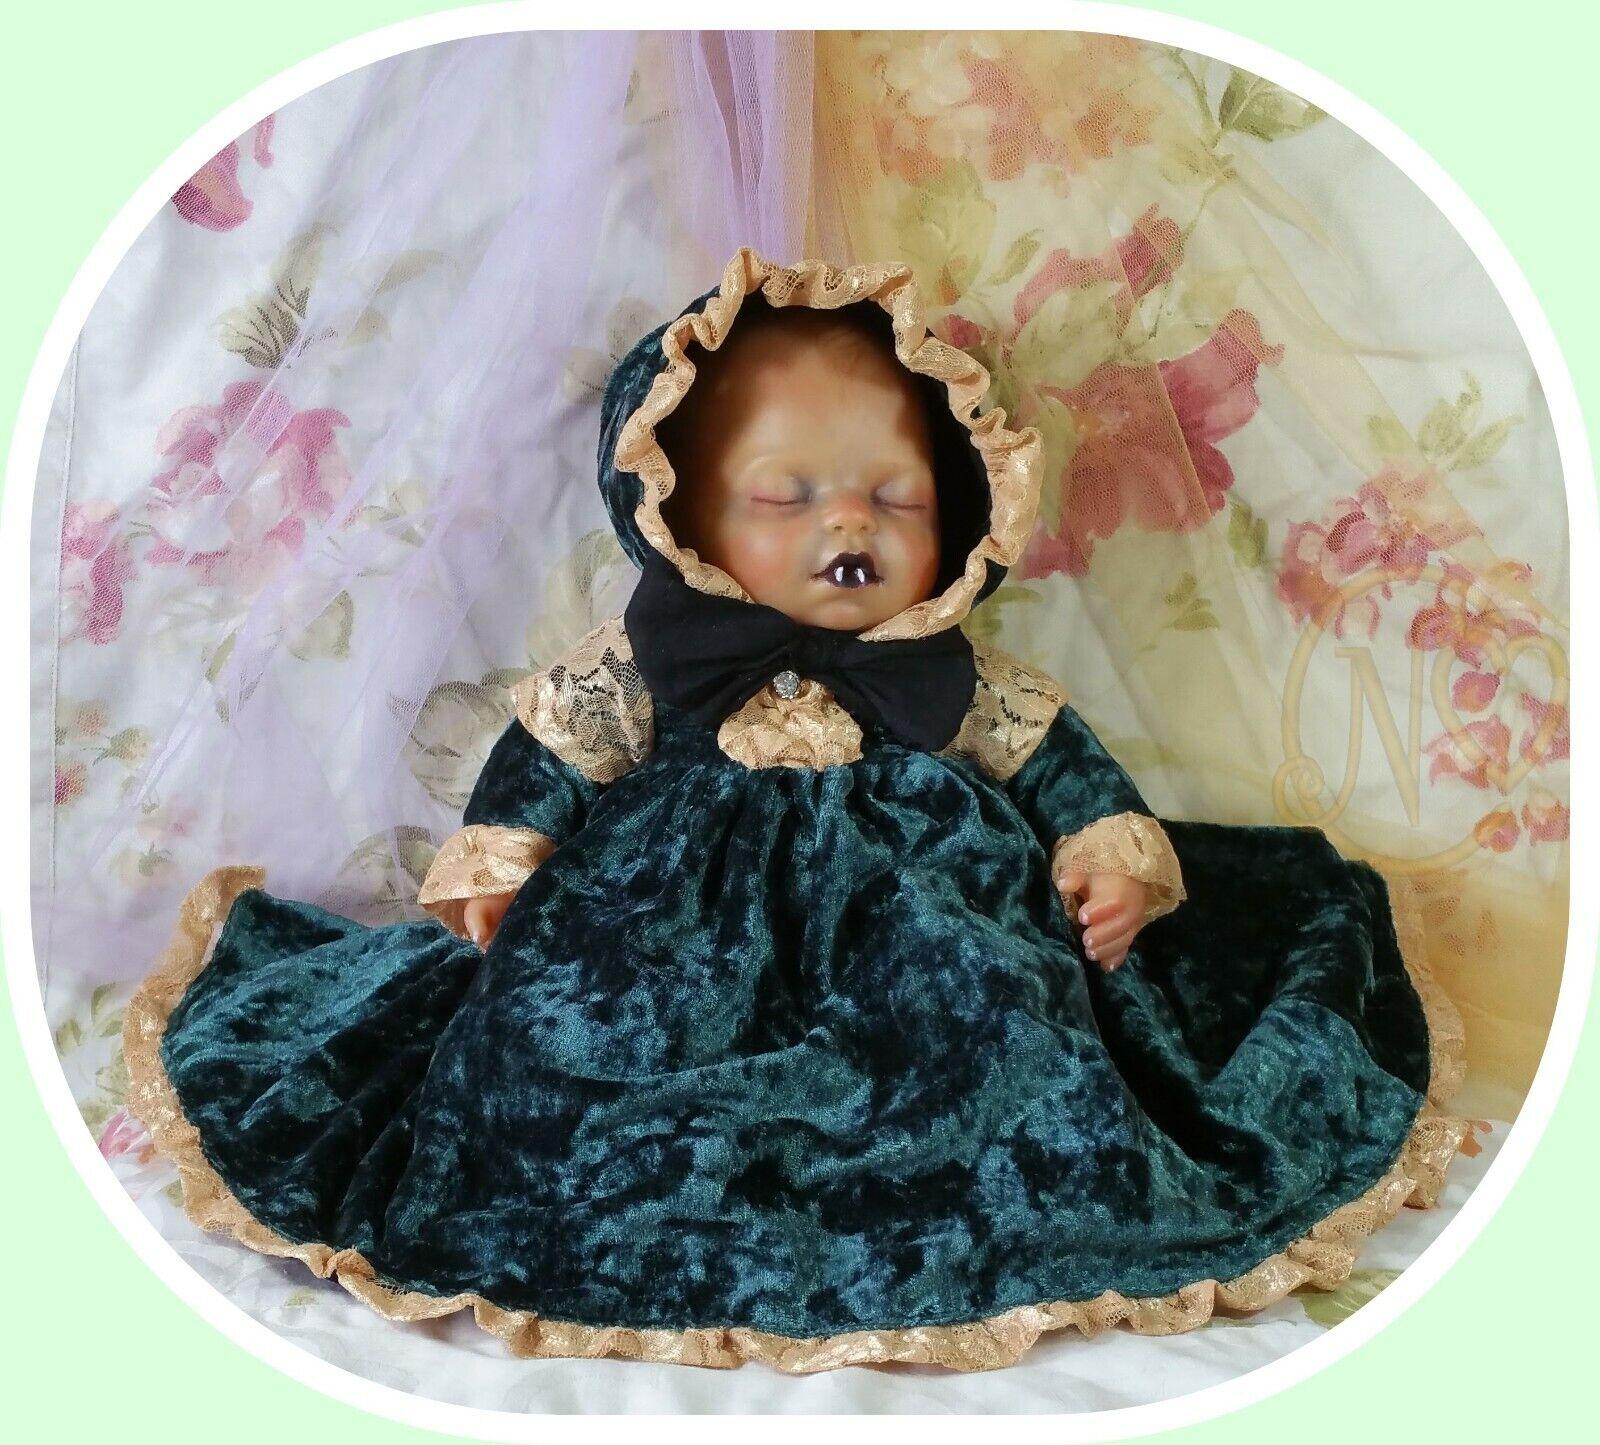 Vampire doll 32 cm Zapf creation reborn in beautiful velvet dress bonnet romper